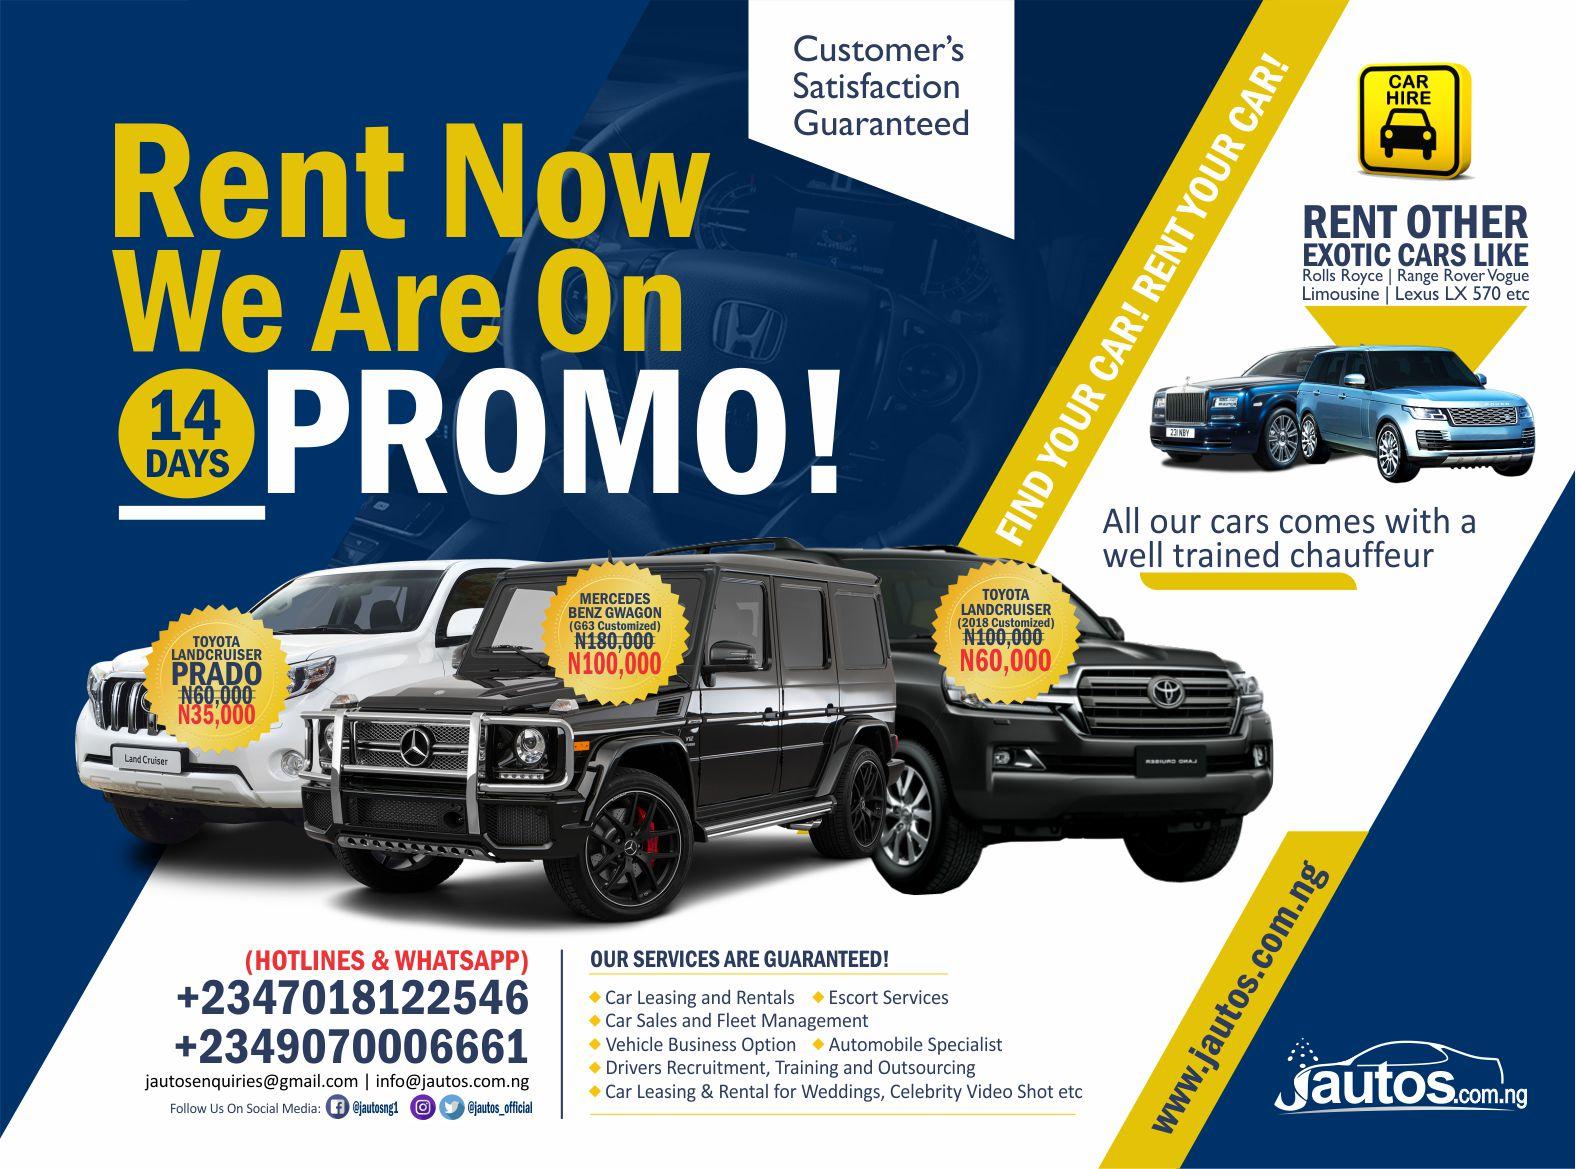 Jautos Car Rental Promo